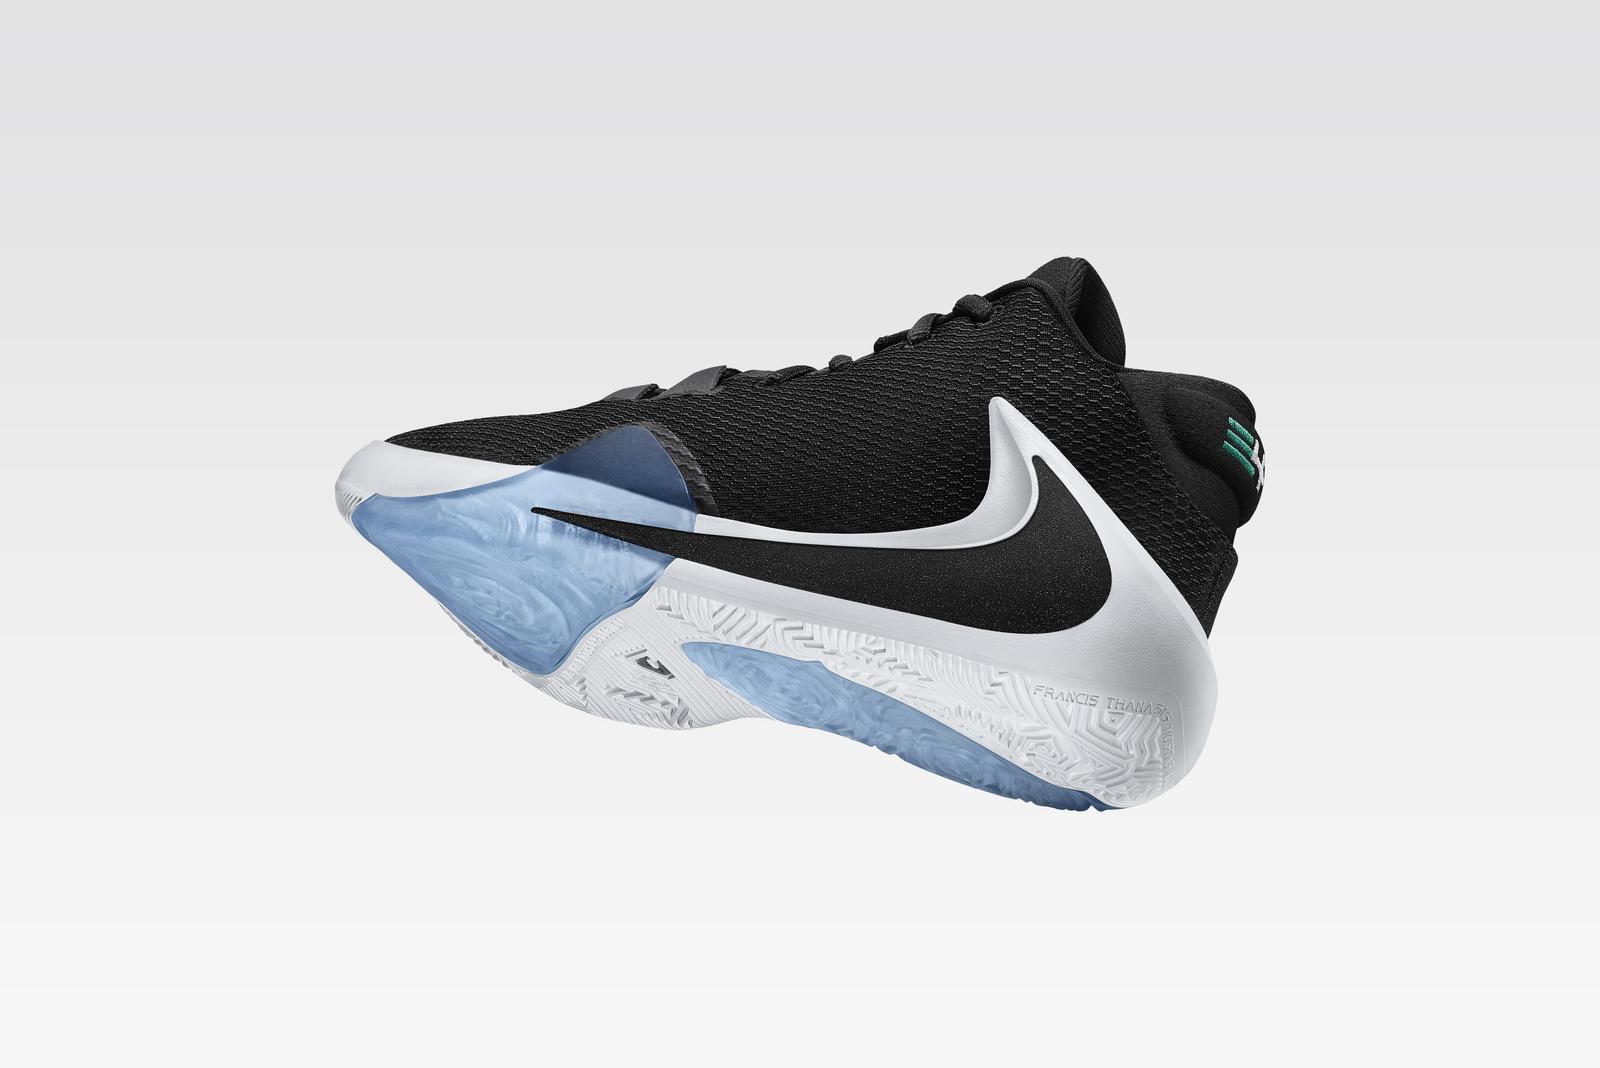 Nike Giannis Antetokounmpo Air Zoom